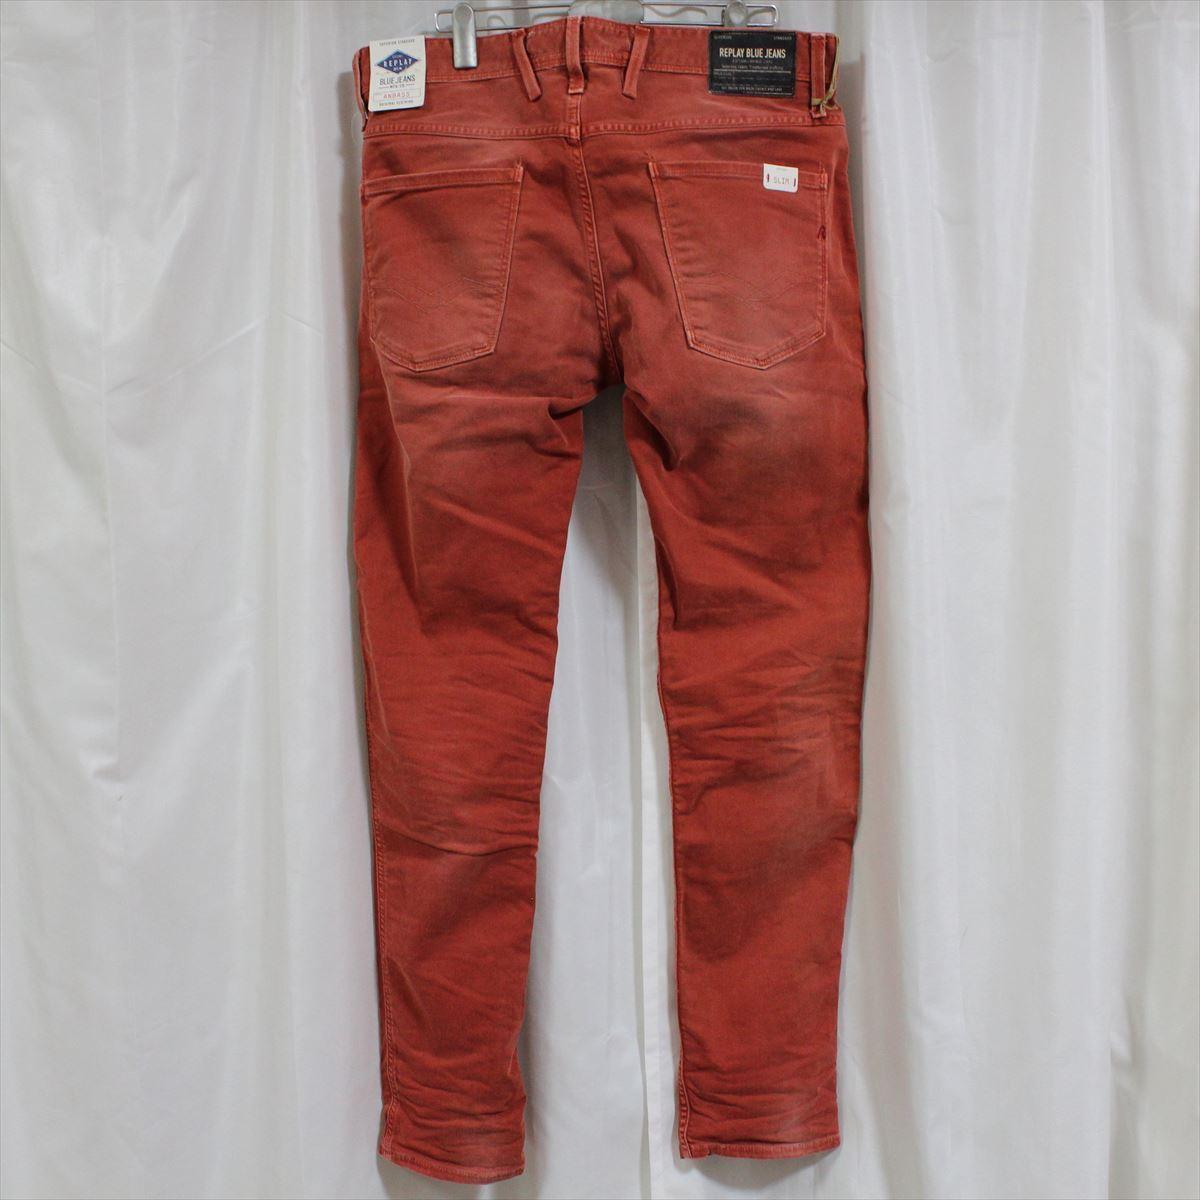 リプレイ REPLAY メンズカラーパンツ ジーンズ デニムパンツ SLIM レンガ色 29インチ 新品 REPLAY BLUE JEANS anbass slim jeans_画像4